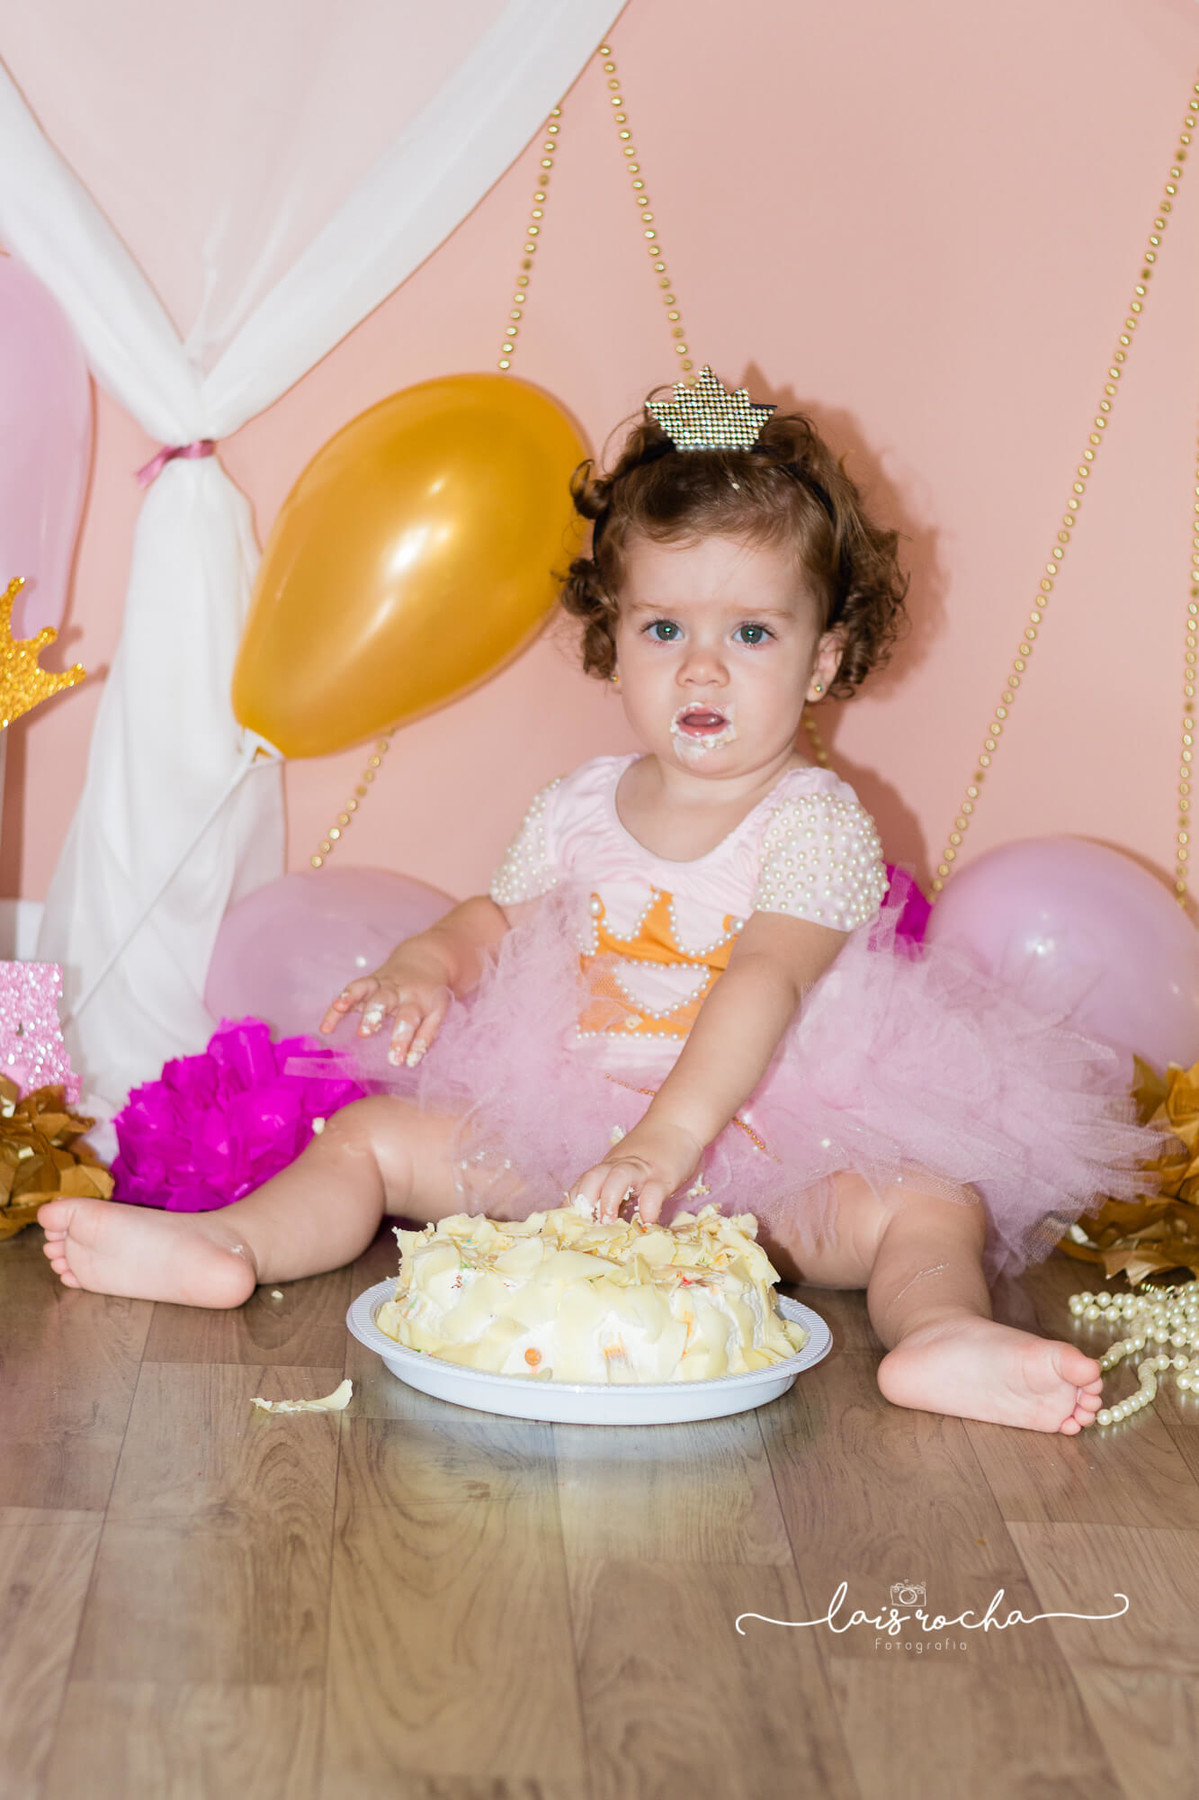 Isa fez 1 - cake smash - smash the cake - lais rocha fotografia - lais - acompanhamento - fotografia infantil - rosa e dourado -- mogi guaçu